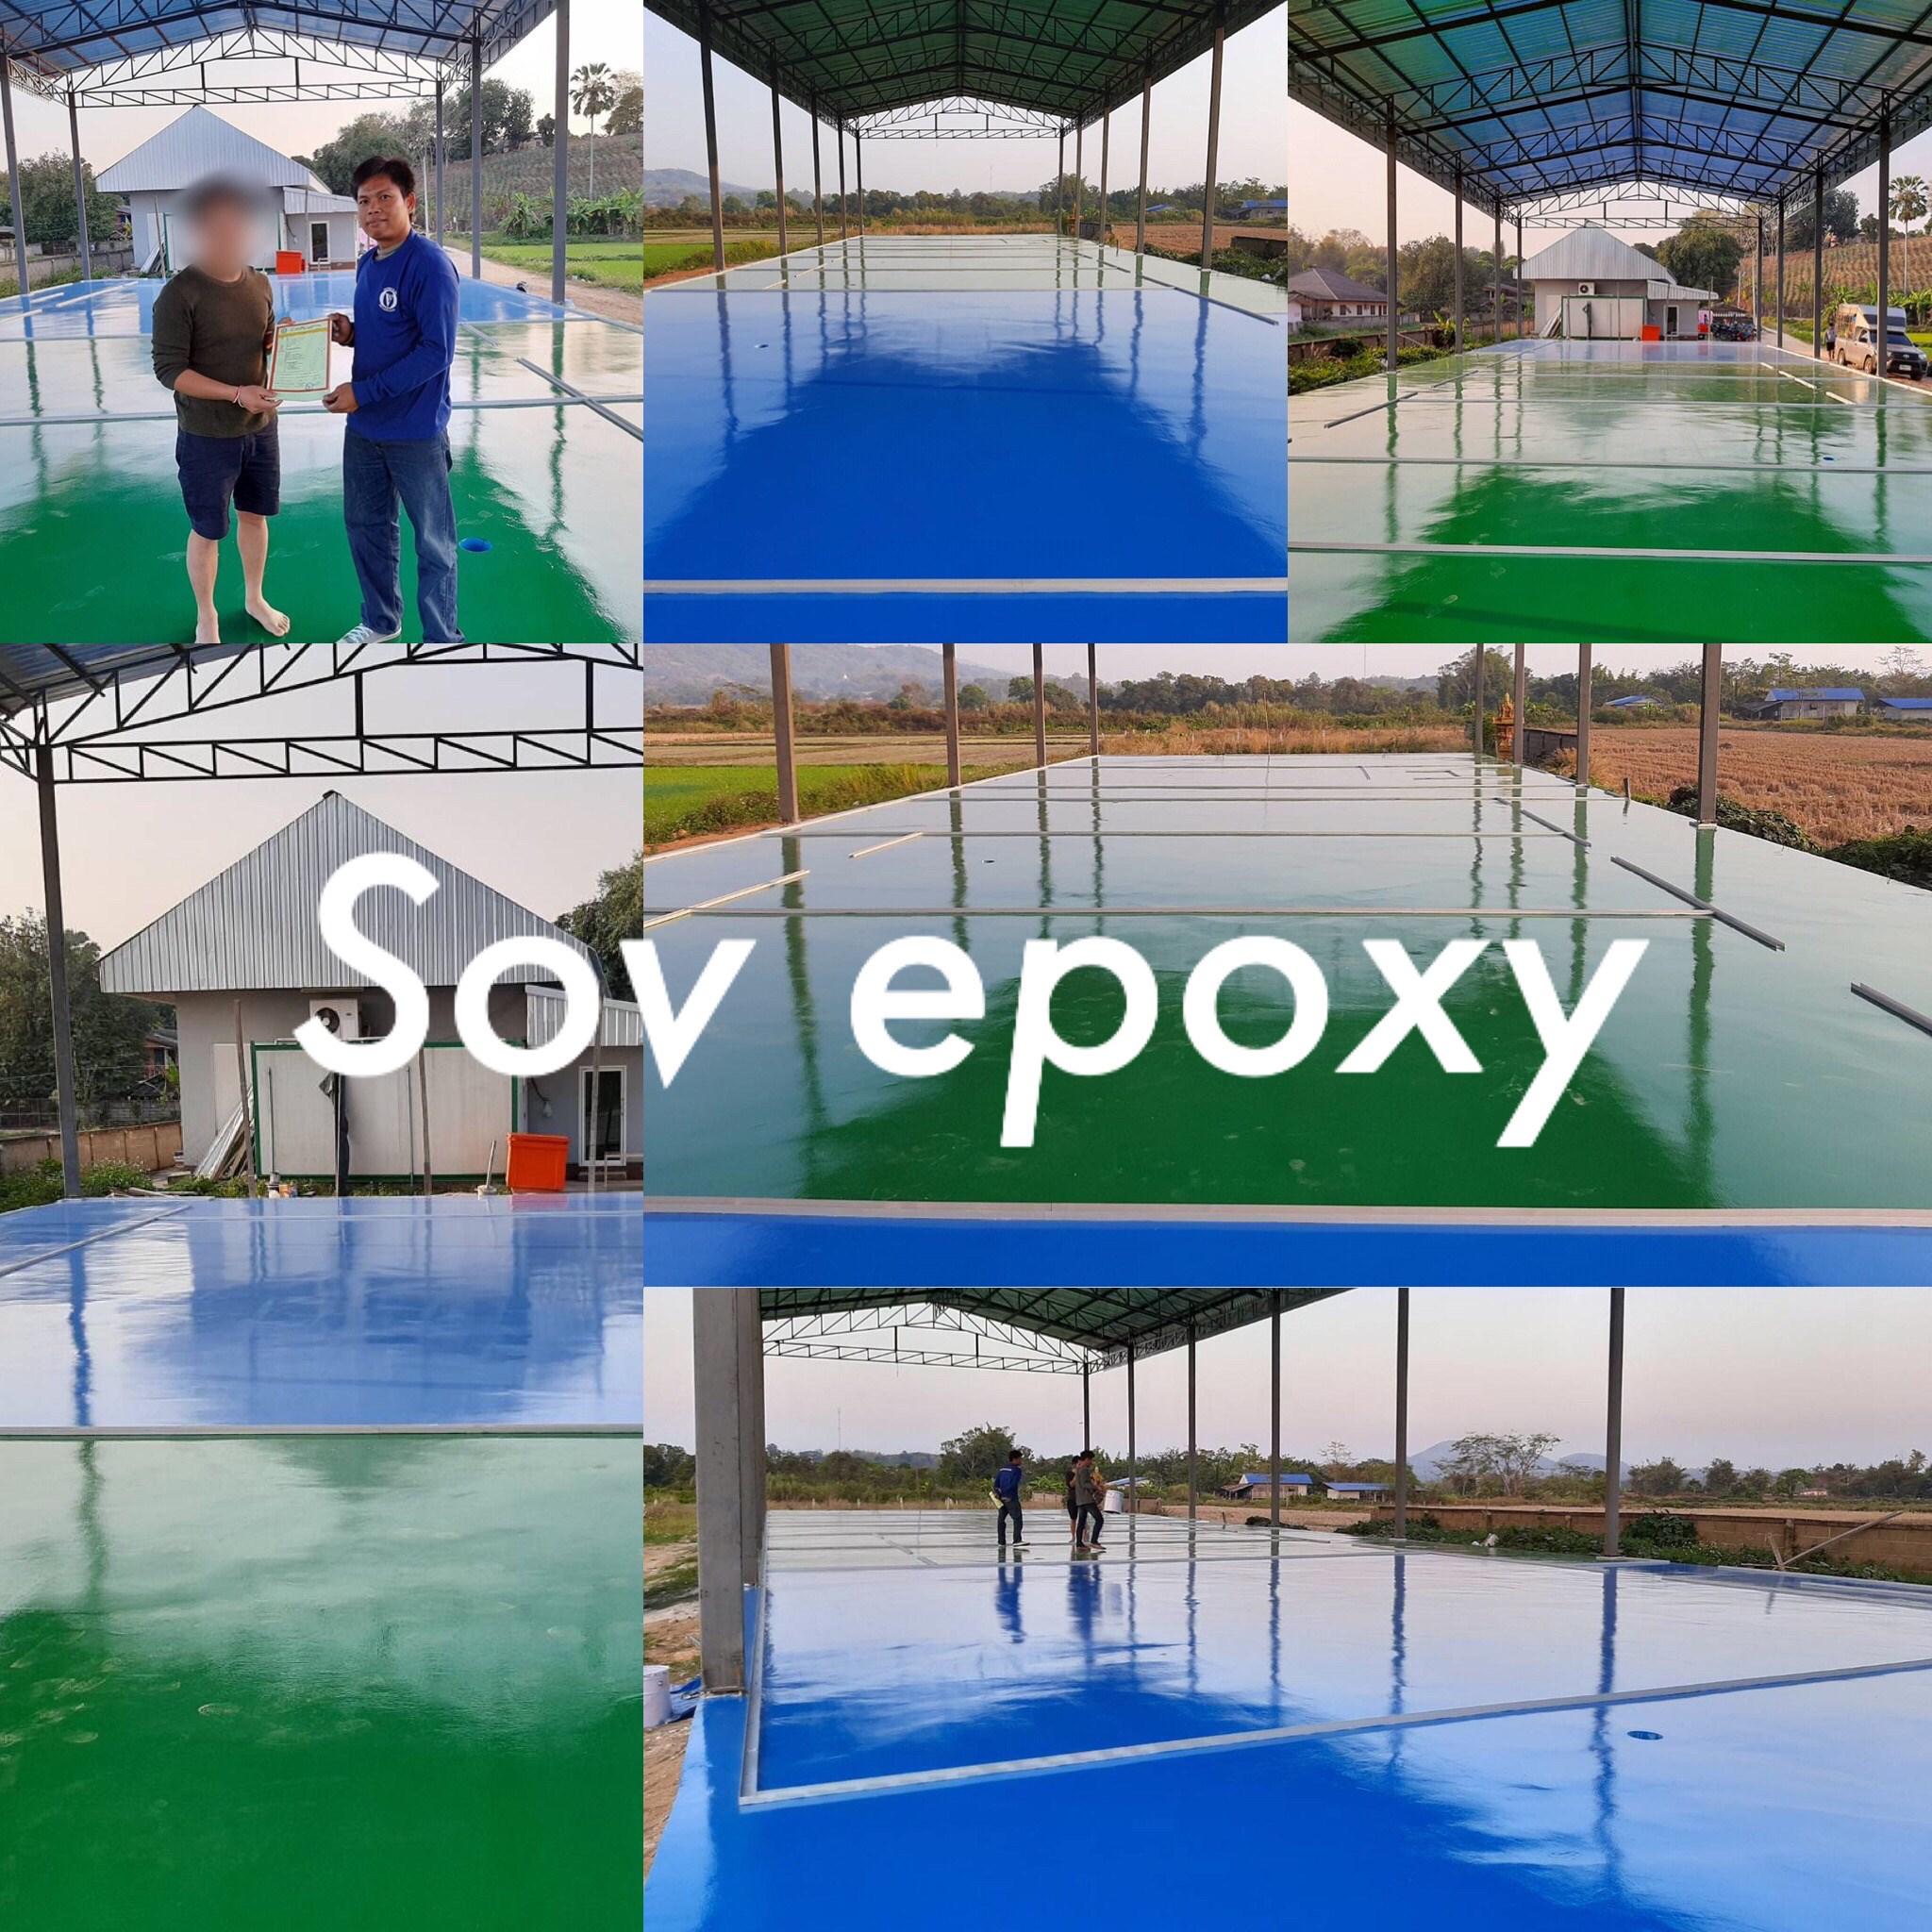 พื้น Epoxy Coating โรงงานสับปะรด จ.เชียงราย 1